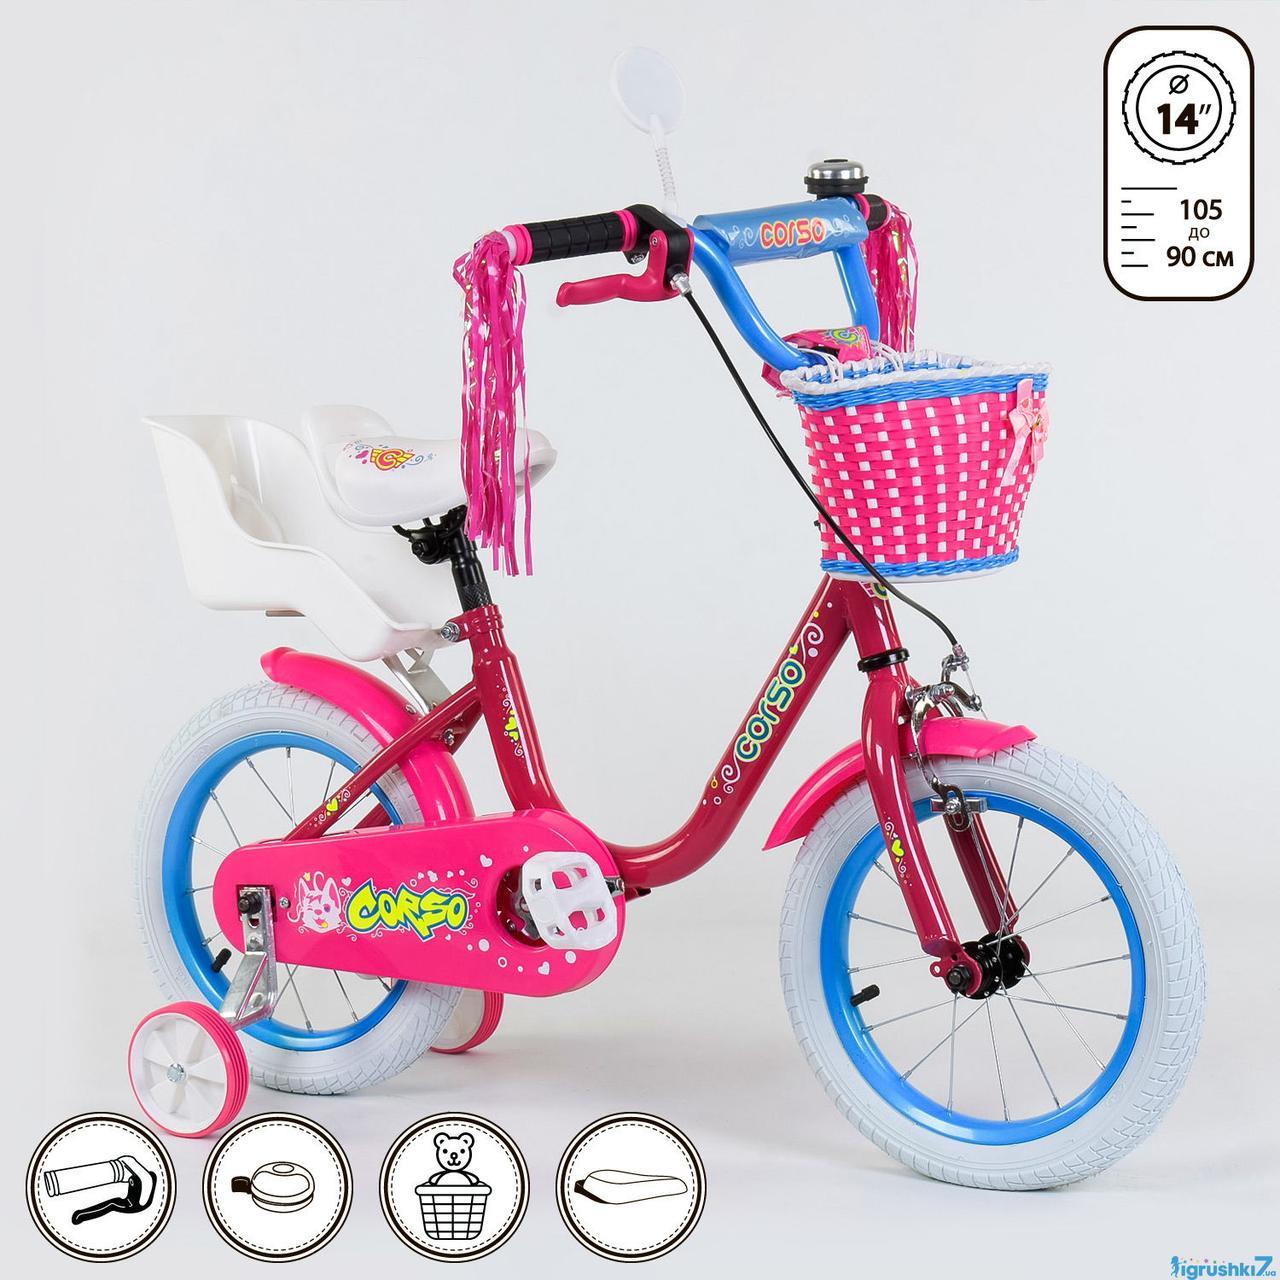 Детский двухколесный велосипед с корзинкой и сиденьем для куклы 14 дюймов 1410 CORSO